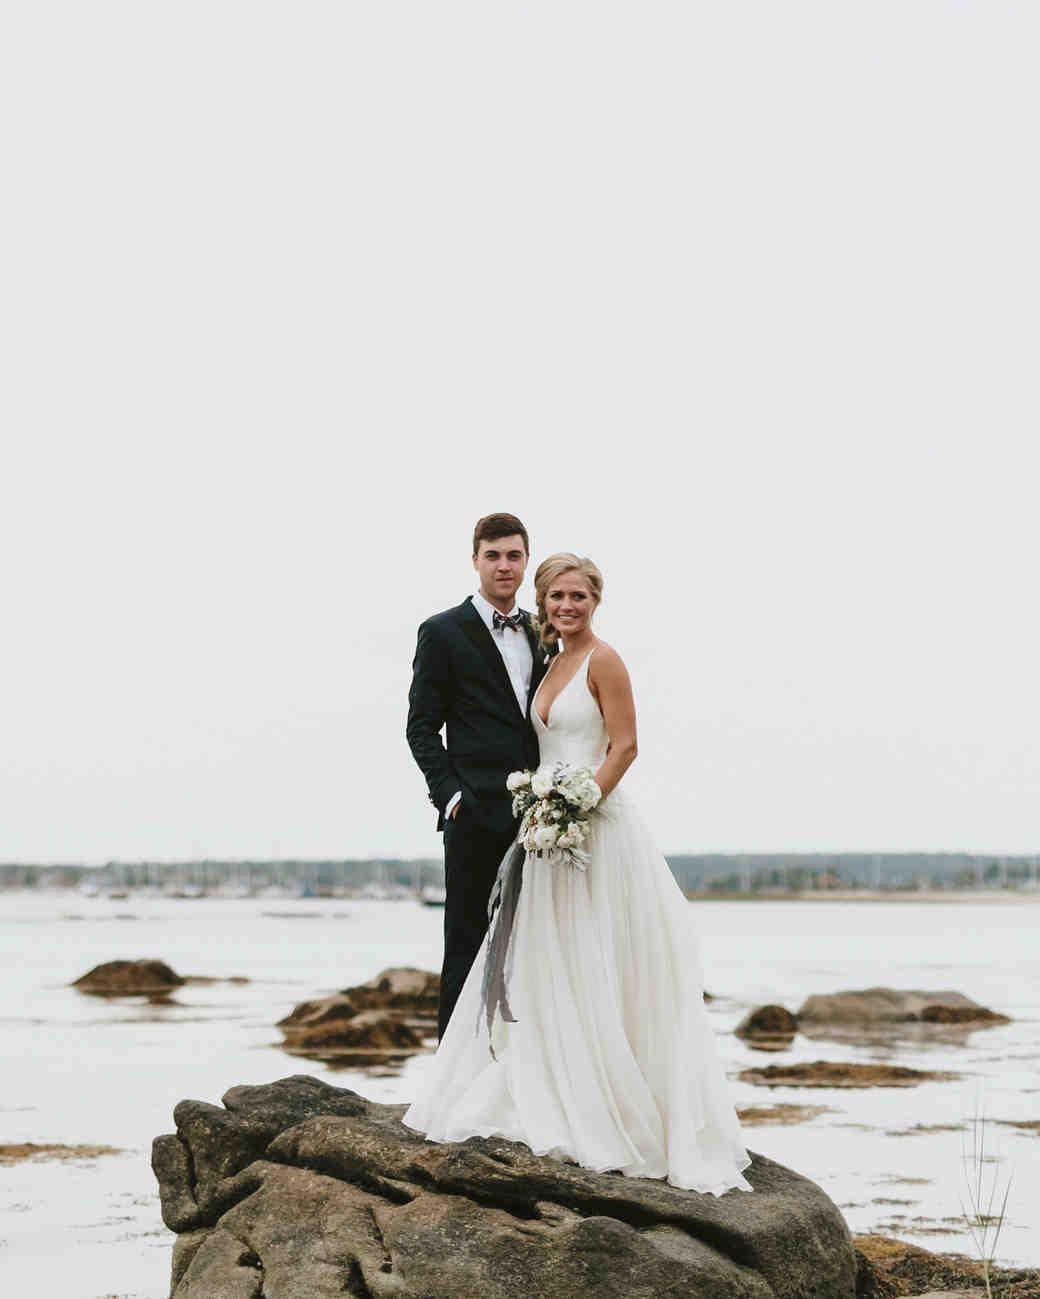 hadley corey wedding couple on cliff